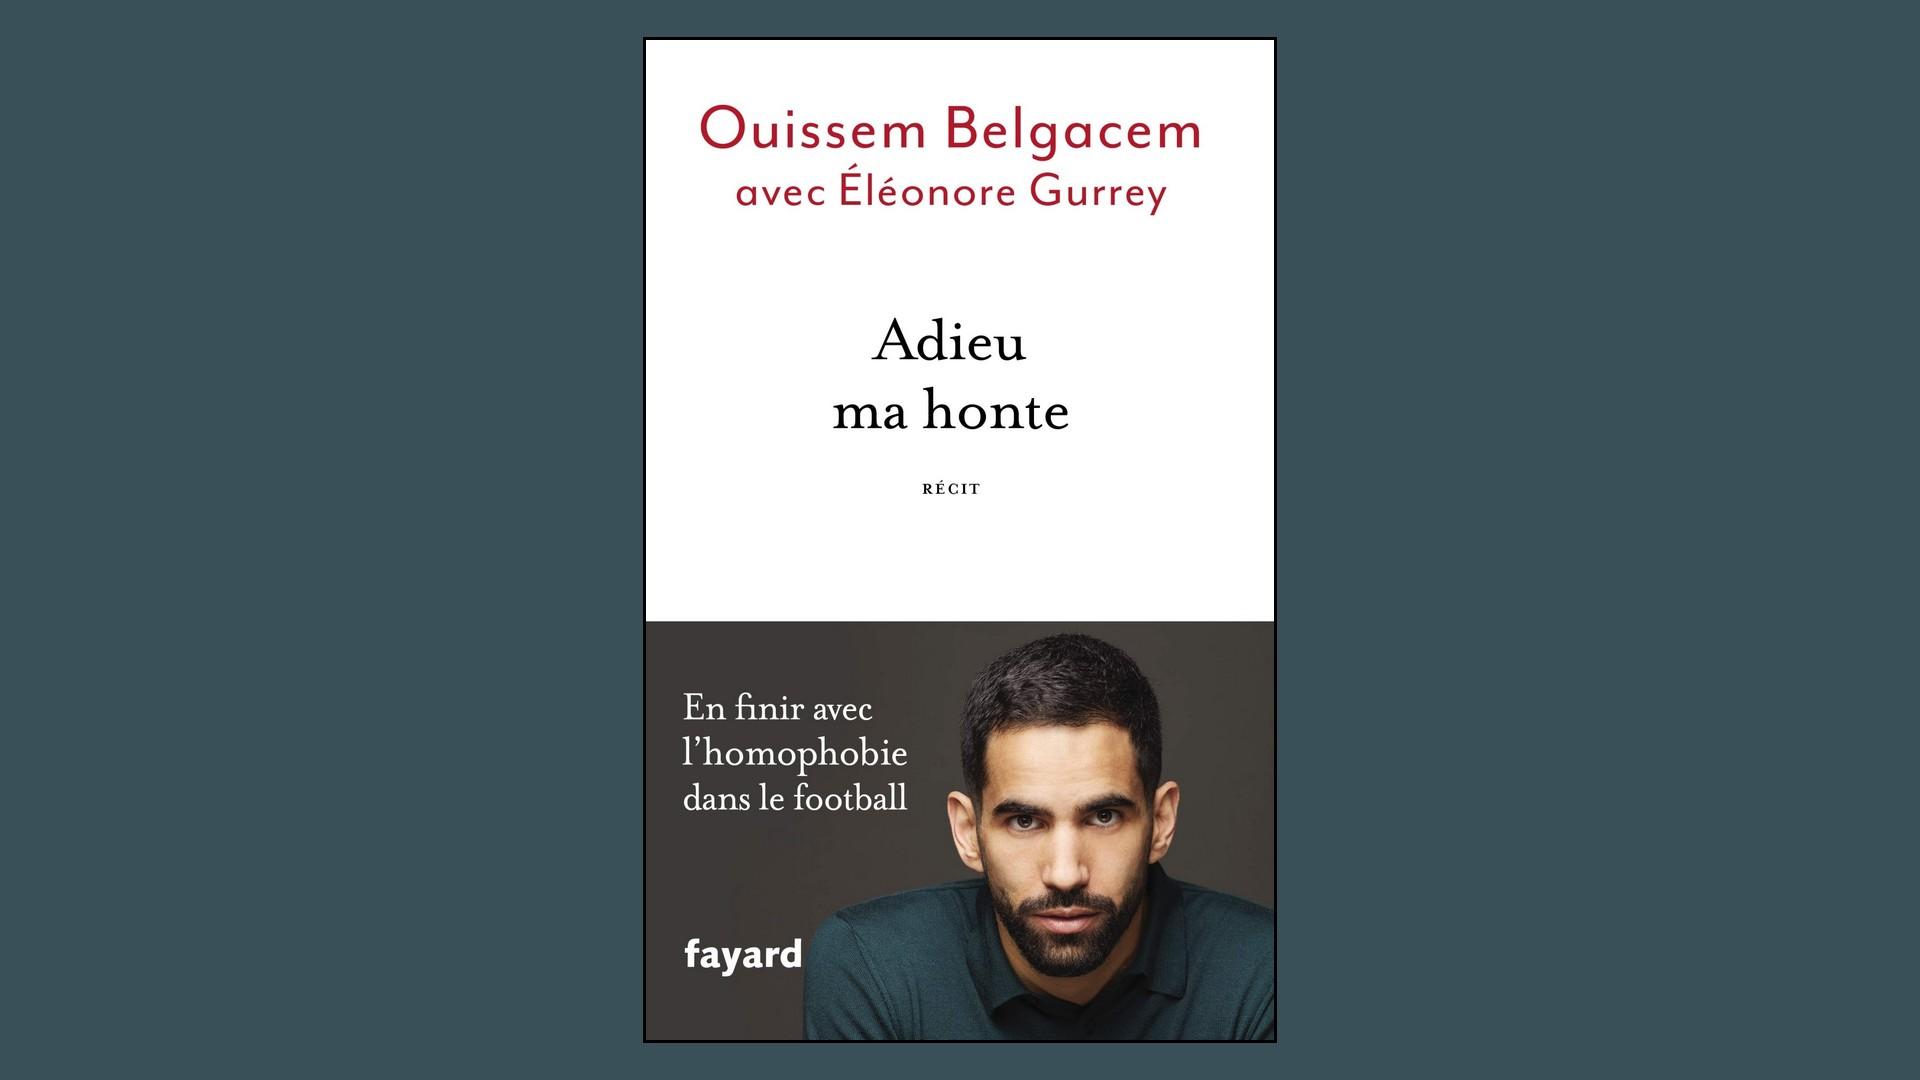 Livres – Adieu ma honte – Ouissem Belgacem (2021)